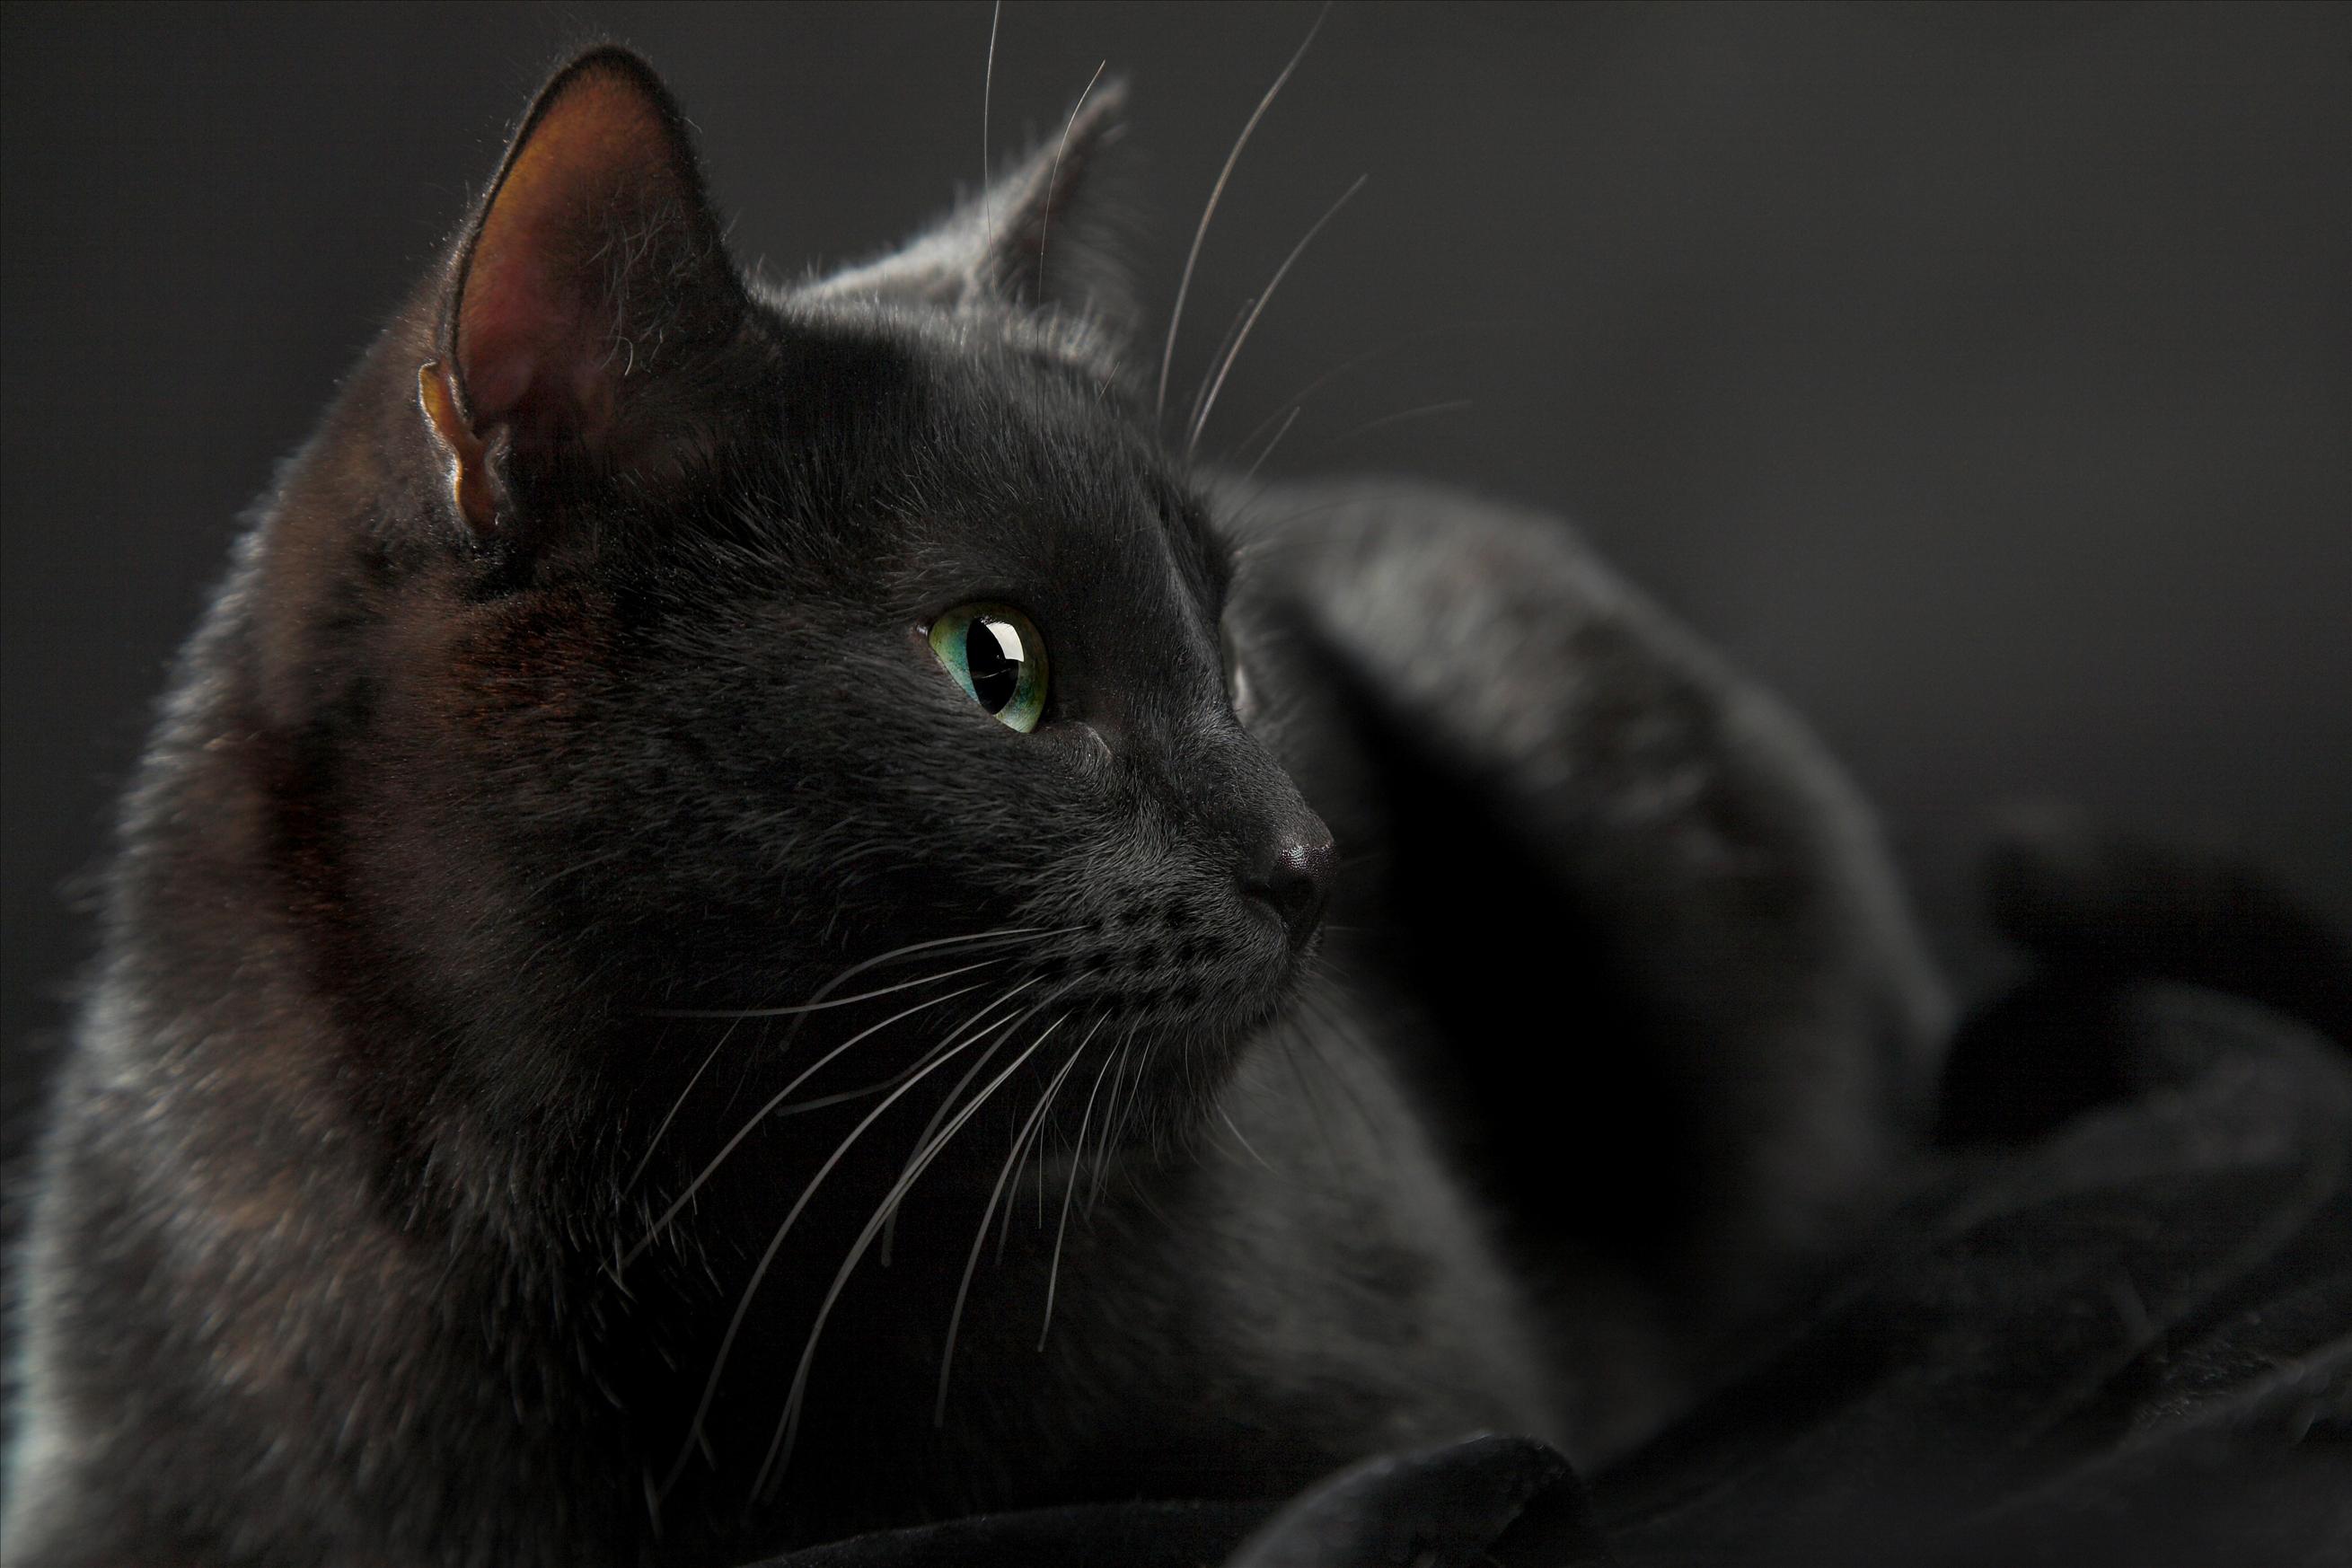 就看看,不养!黑猫招邪还是辟邪?来看看世界各地关于黑猫的说法能有多离谱